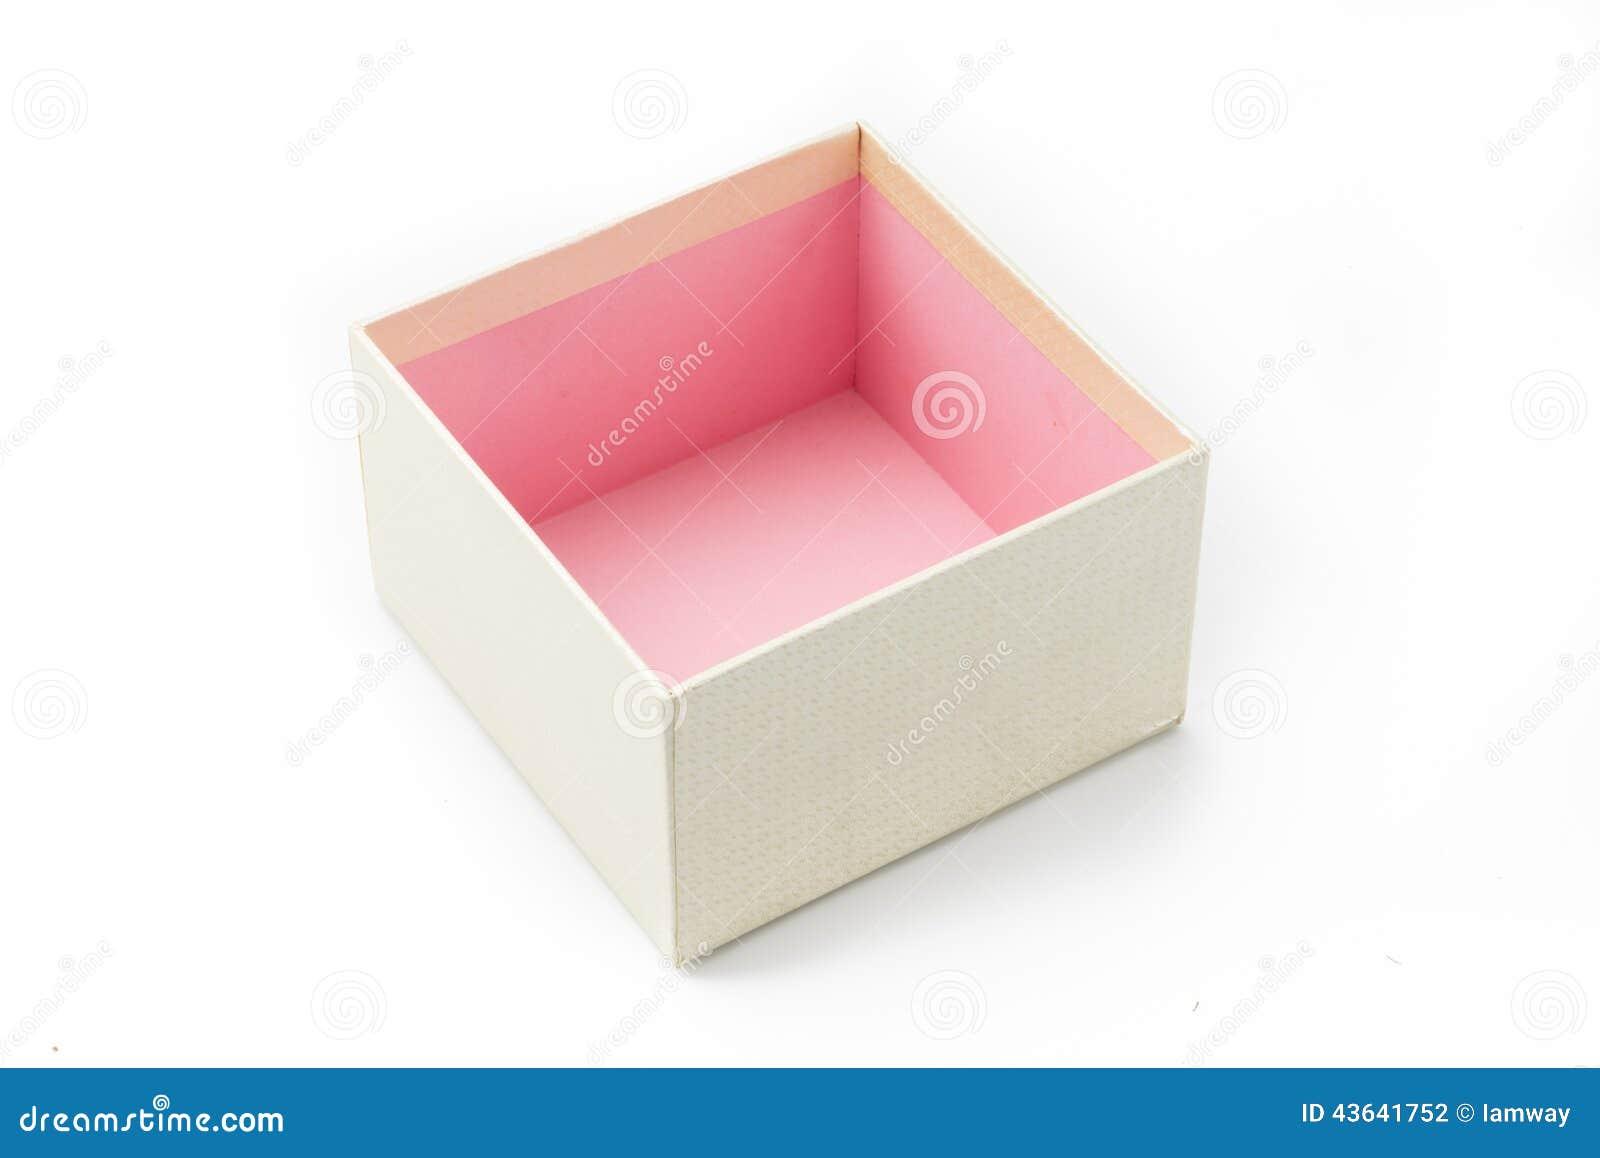 download bote cadeau vide sans couleur rose actuelle lintrieur photo stock